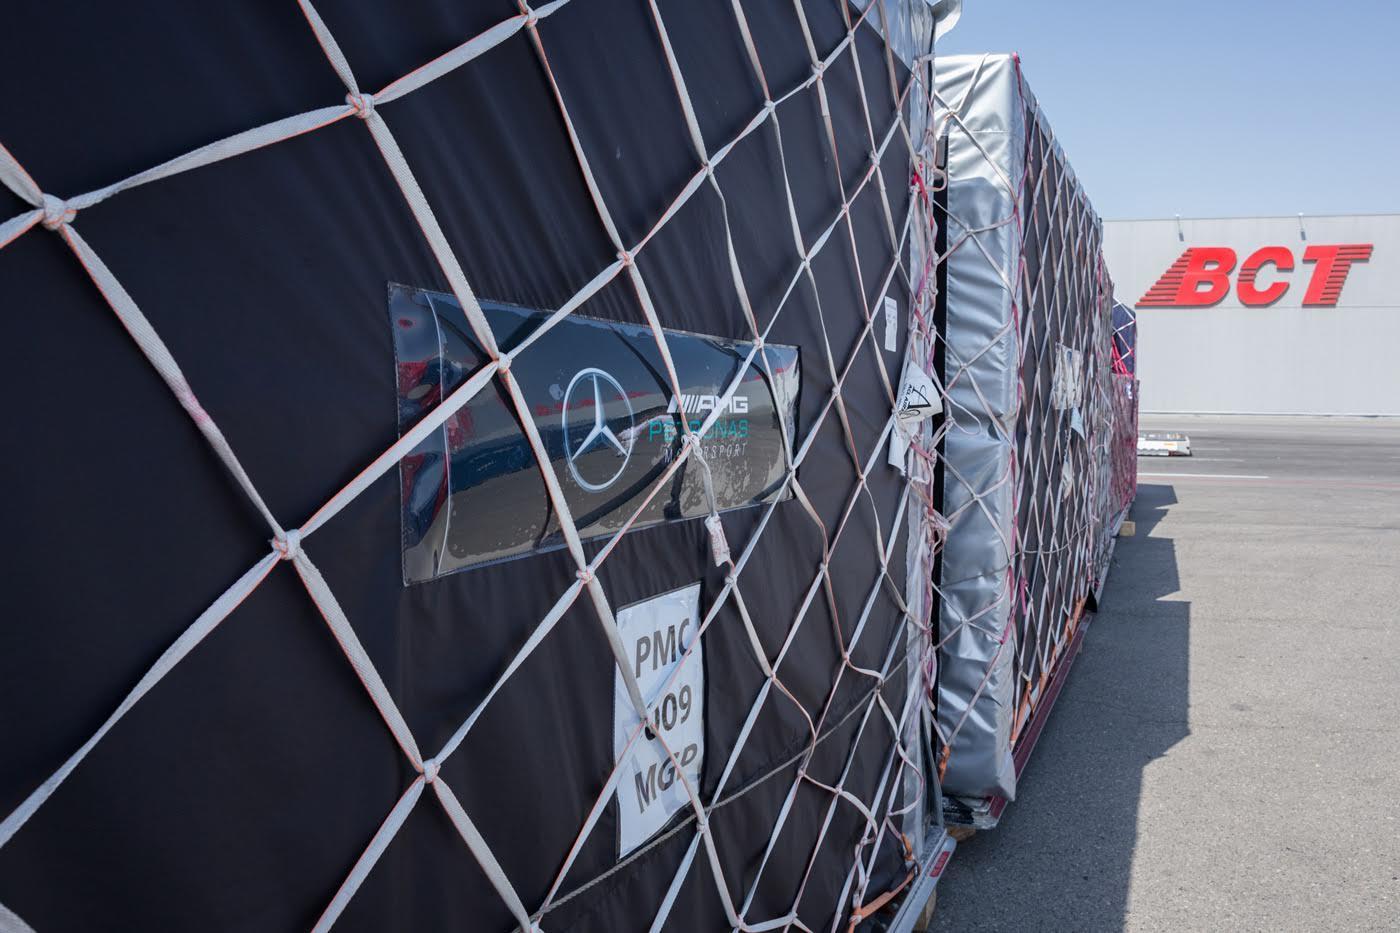 В Баку доставлены грузы для проведения Гран-при Формулы-1